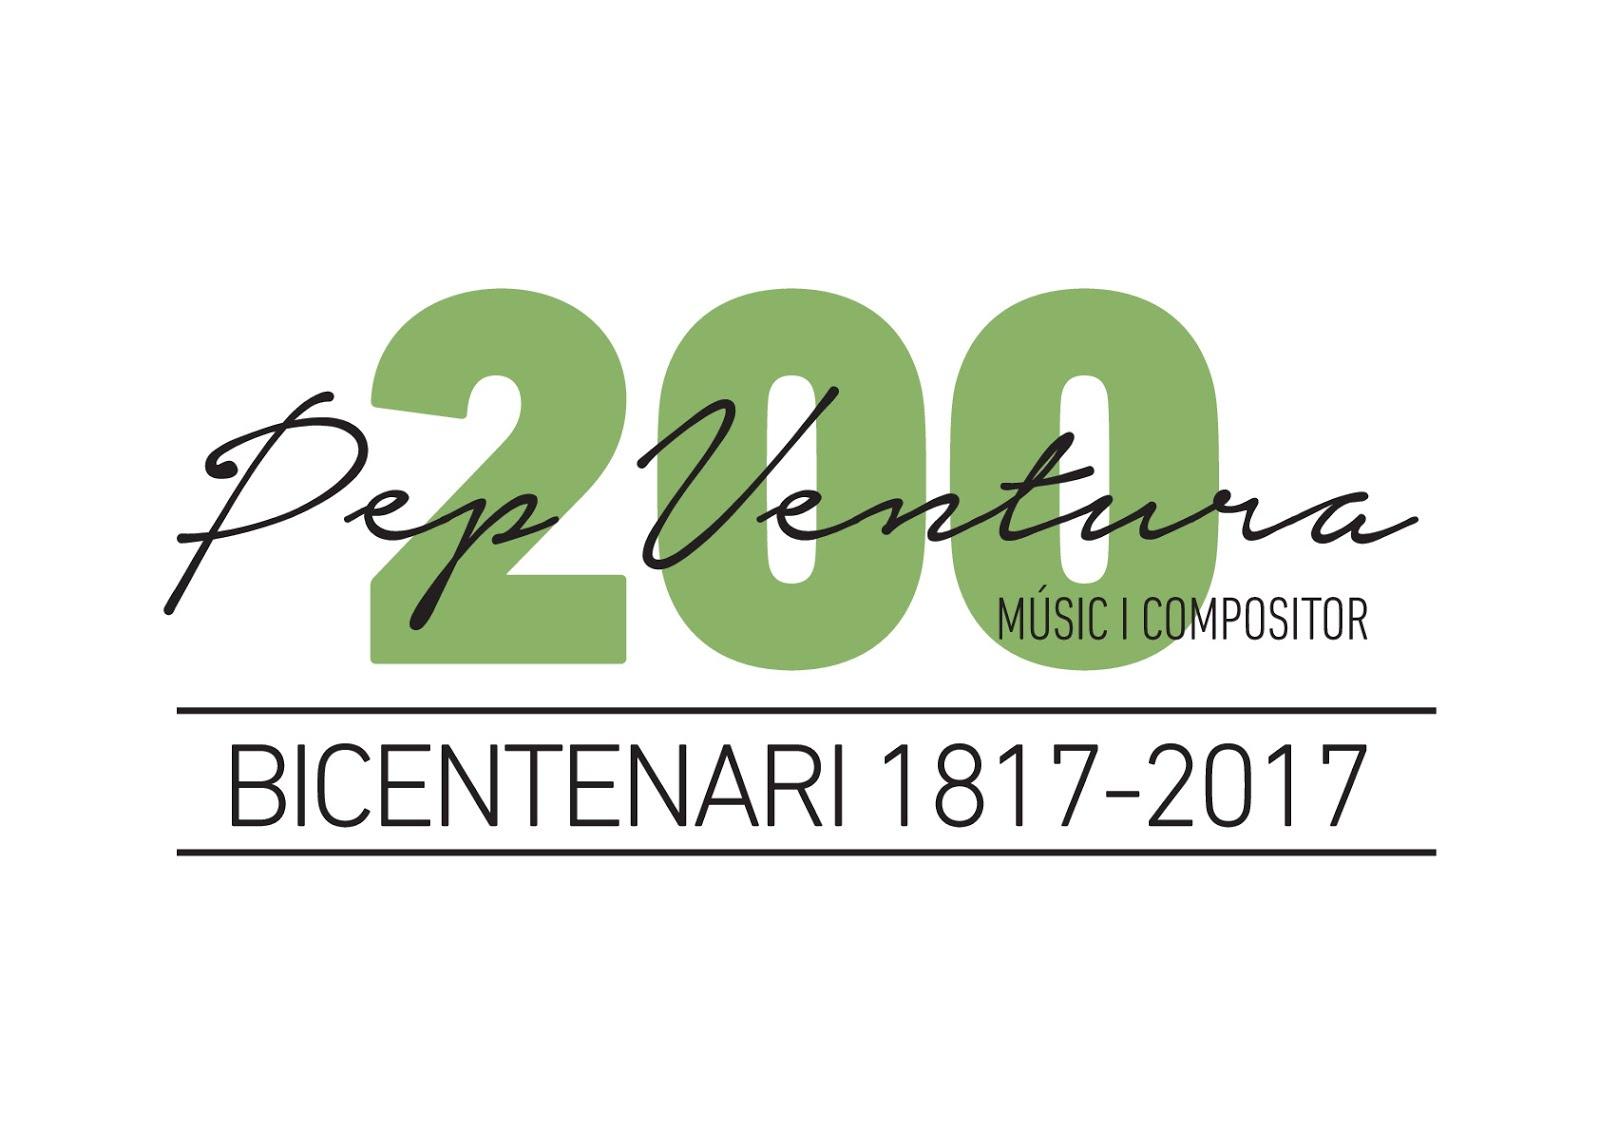 Bicentenari Pep Ventura